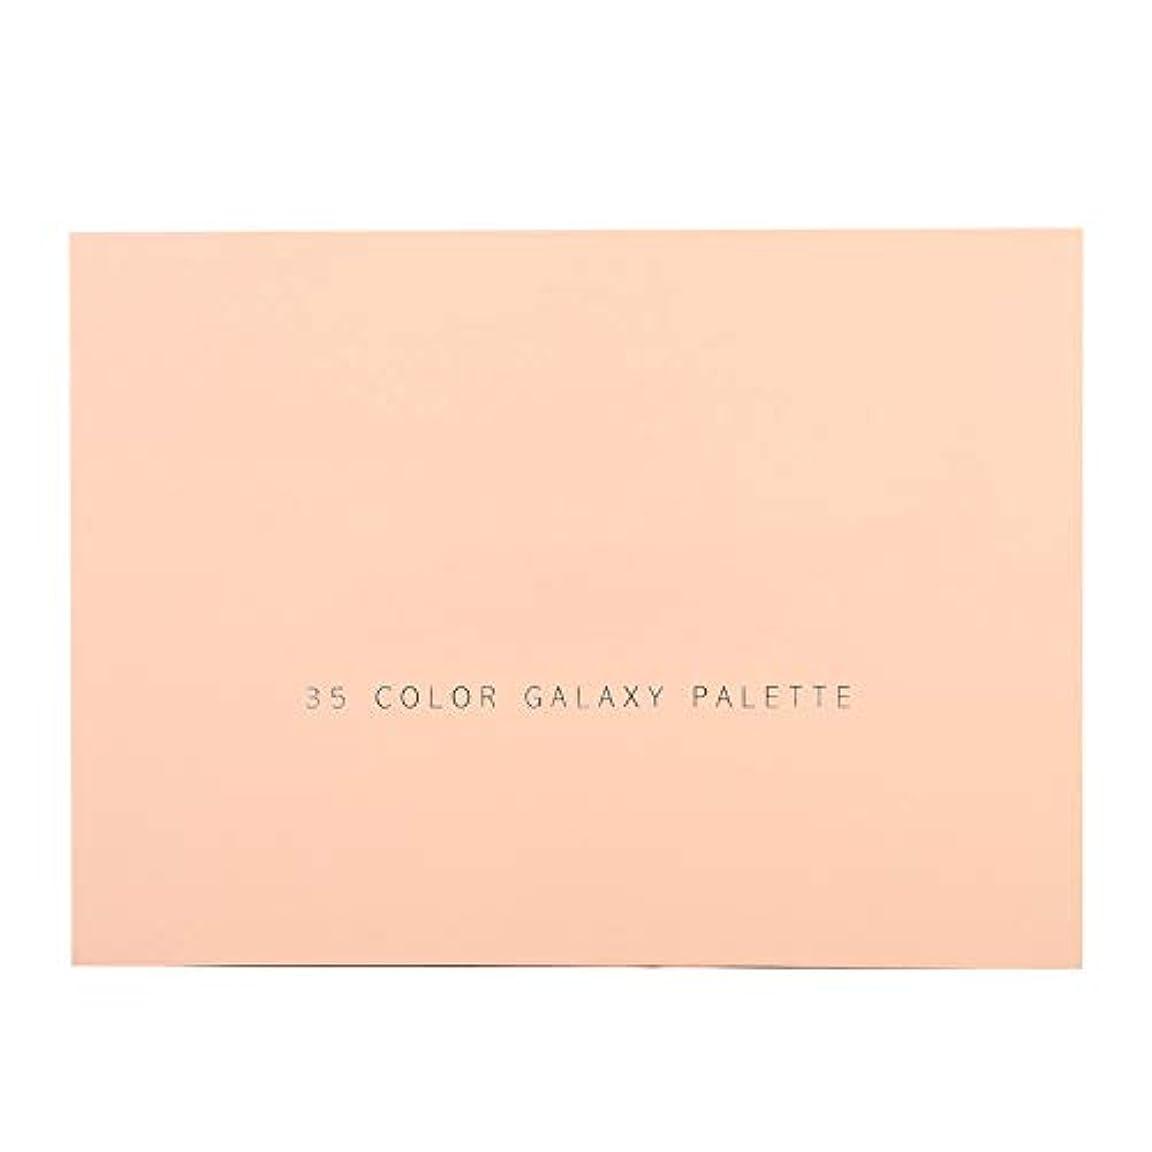 洞察力水を飲むソーセージ35色キラキラマットアイシャドーパレット簡単に適用するアイシャドー化粧品メイクアップパウダー(ピンク)